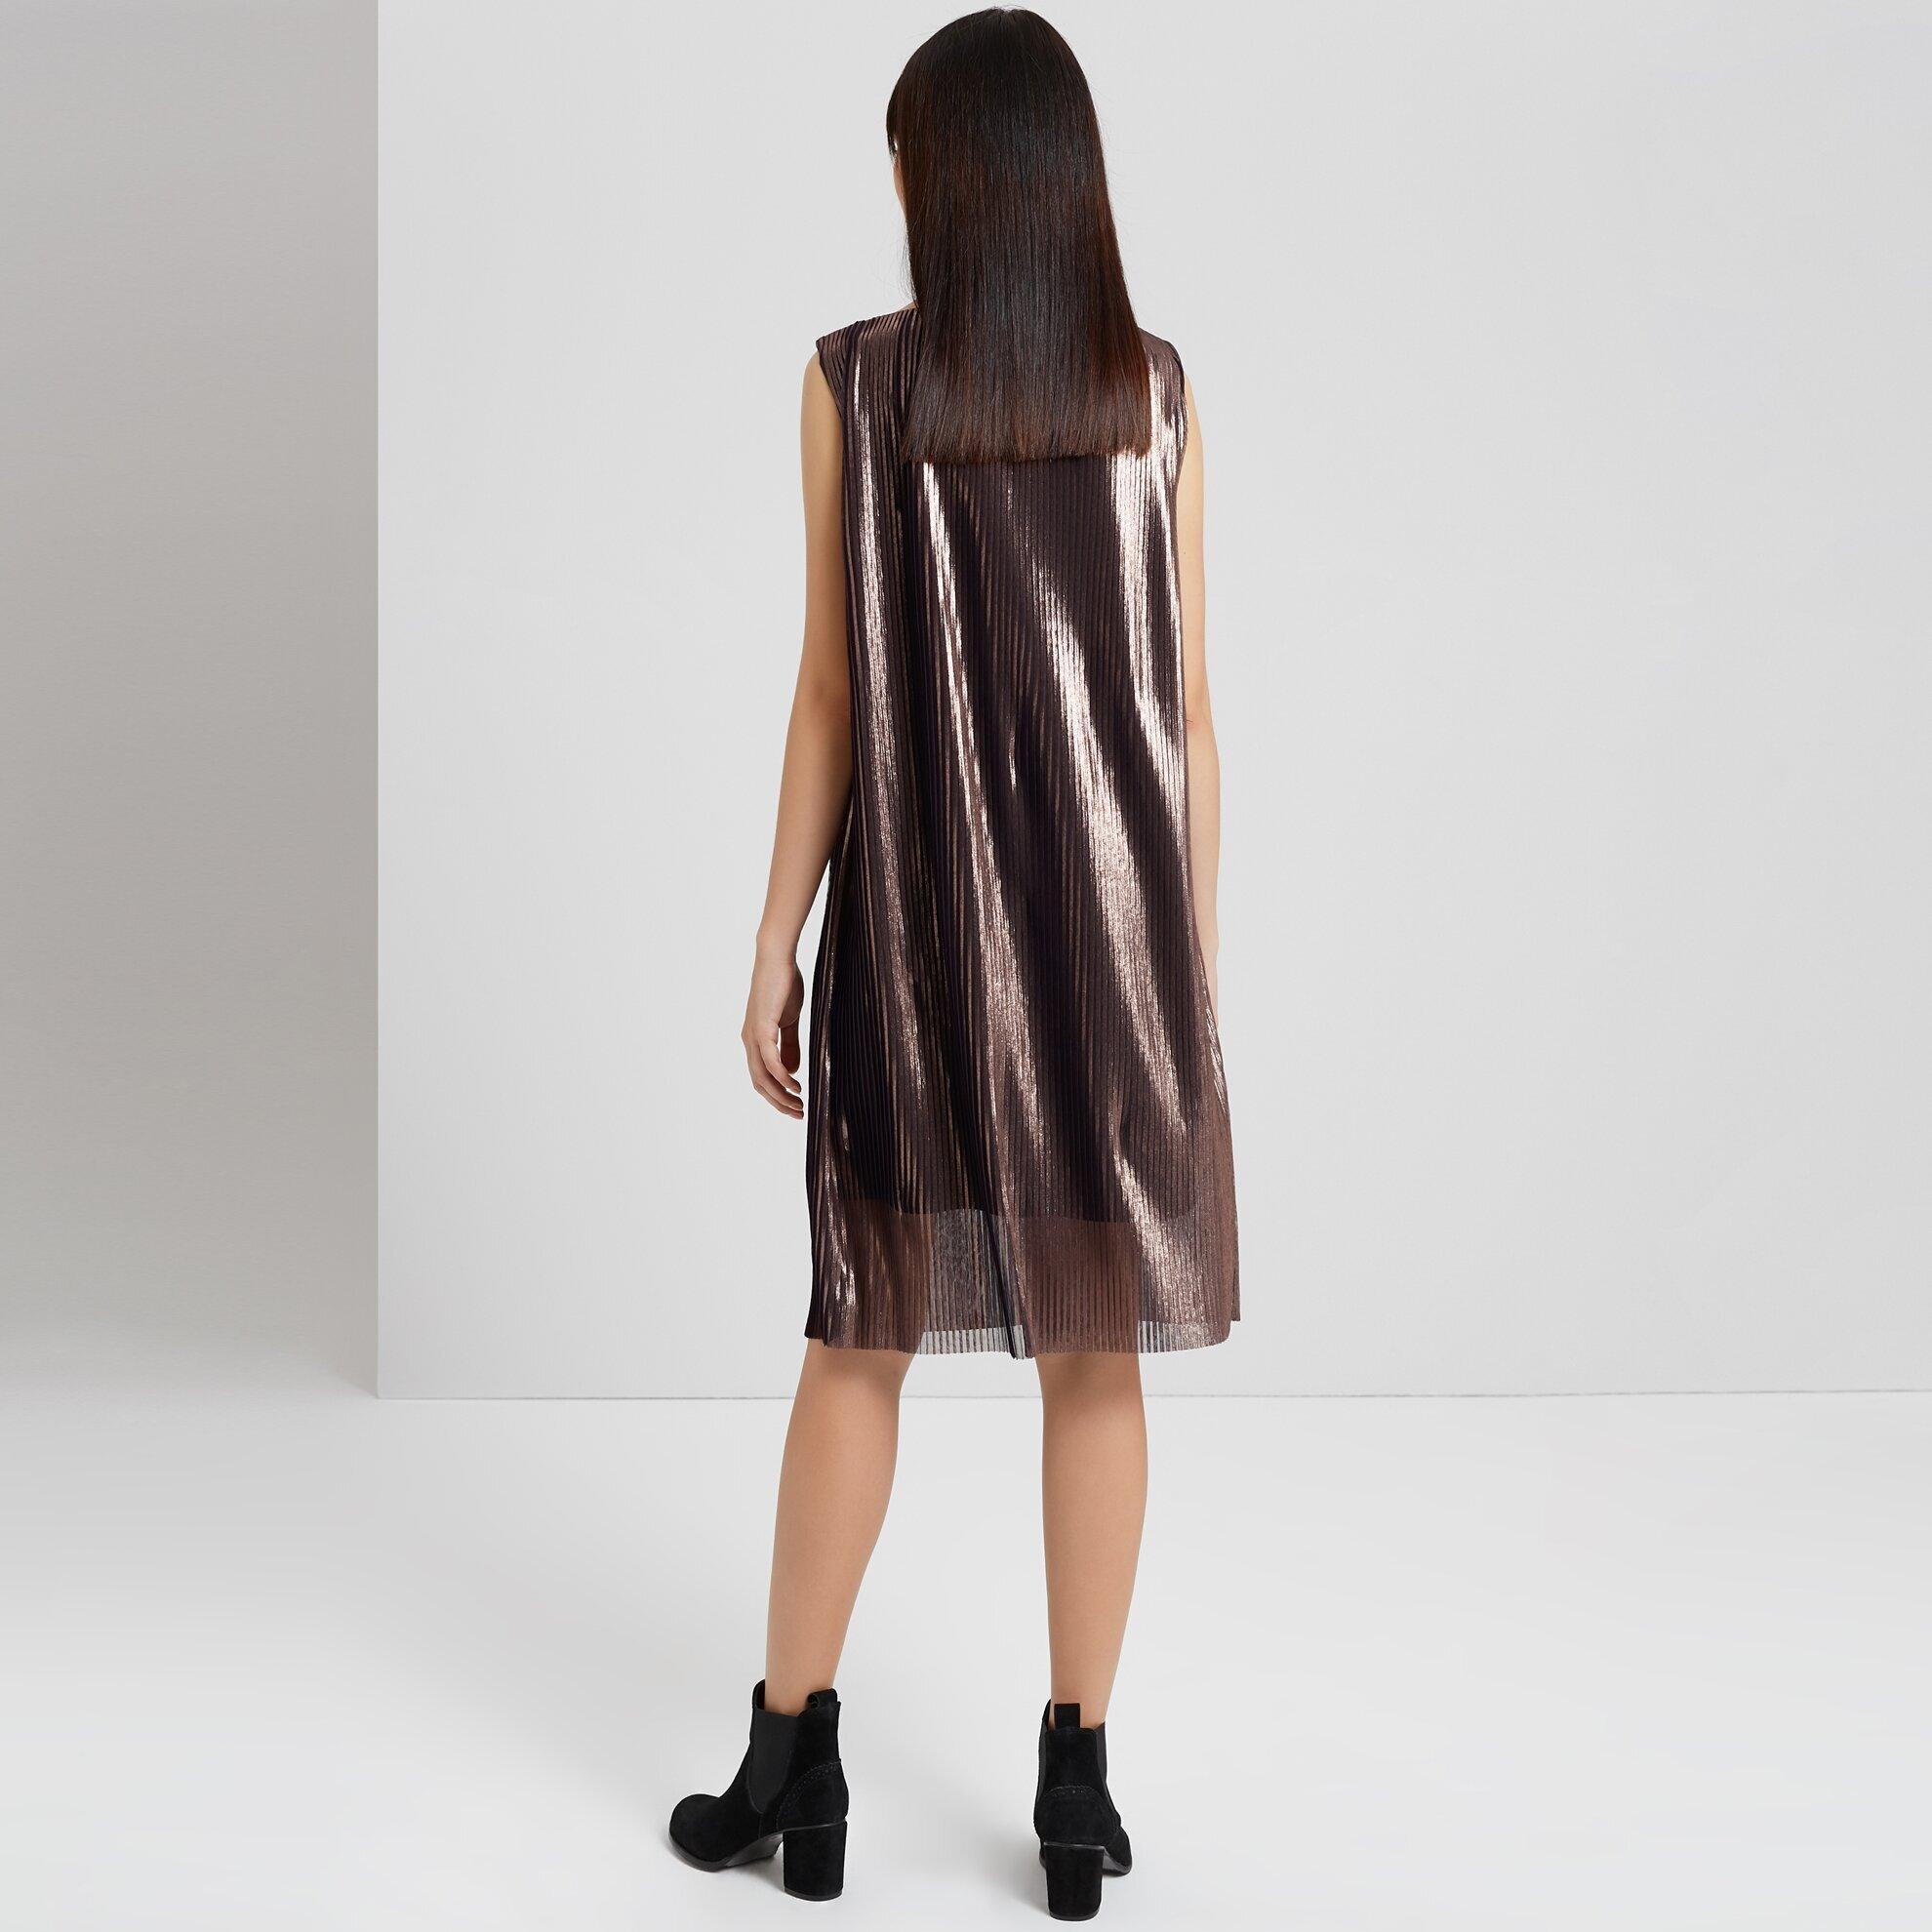 Pilise Elbise